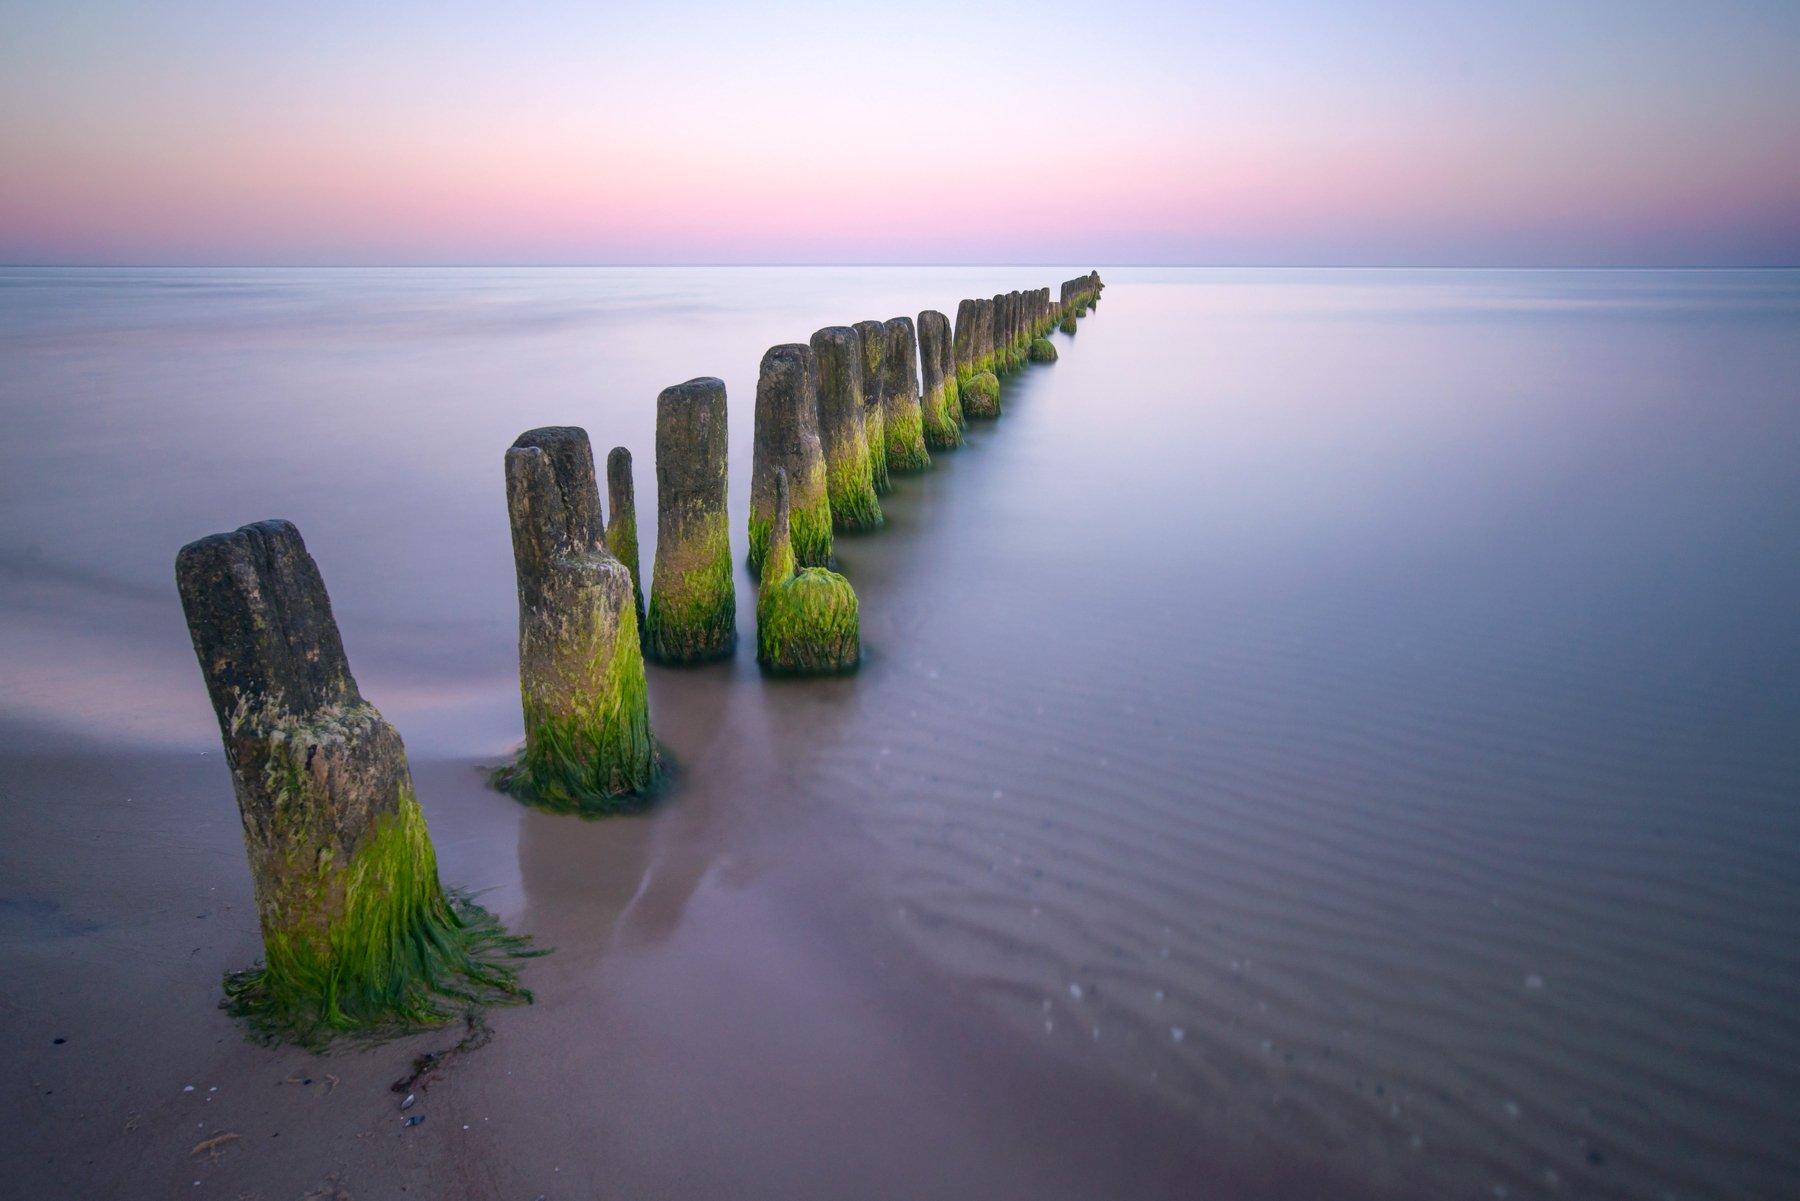 latvia baltic sea beach summer, Olegs Bucis